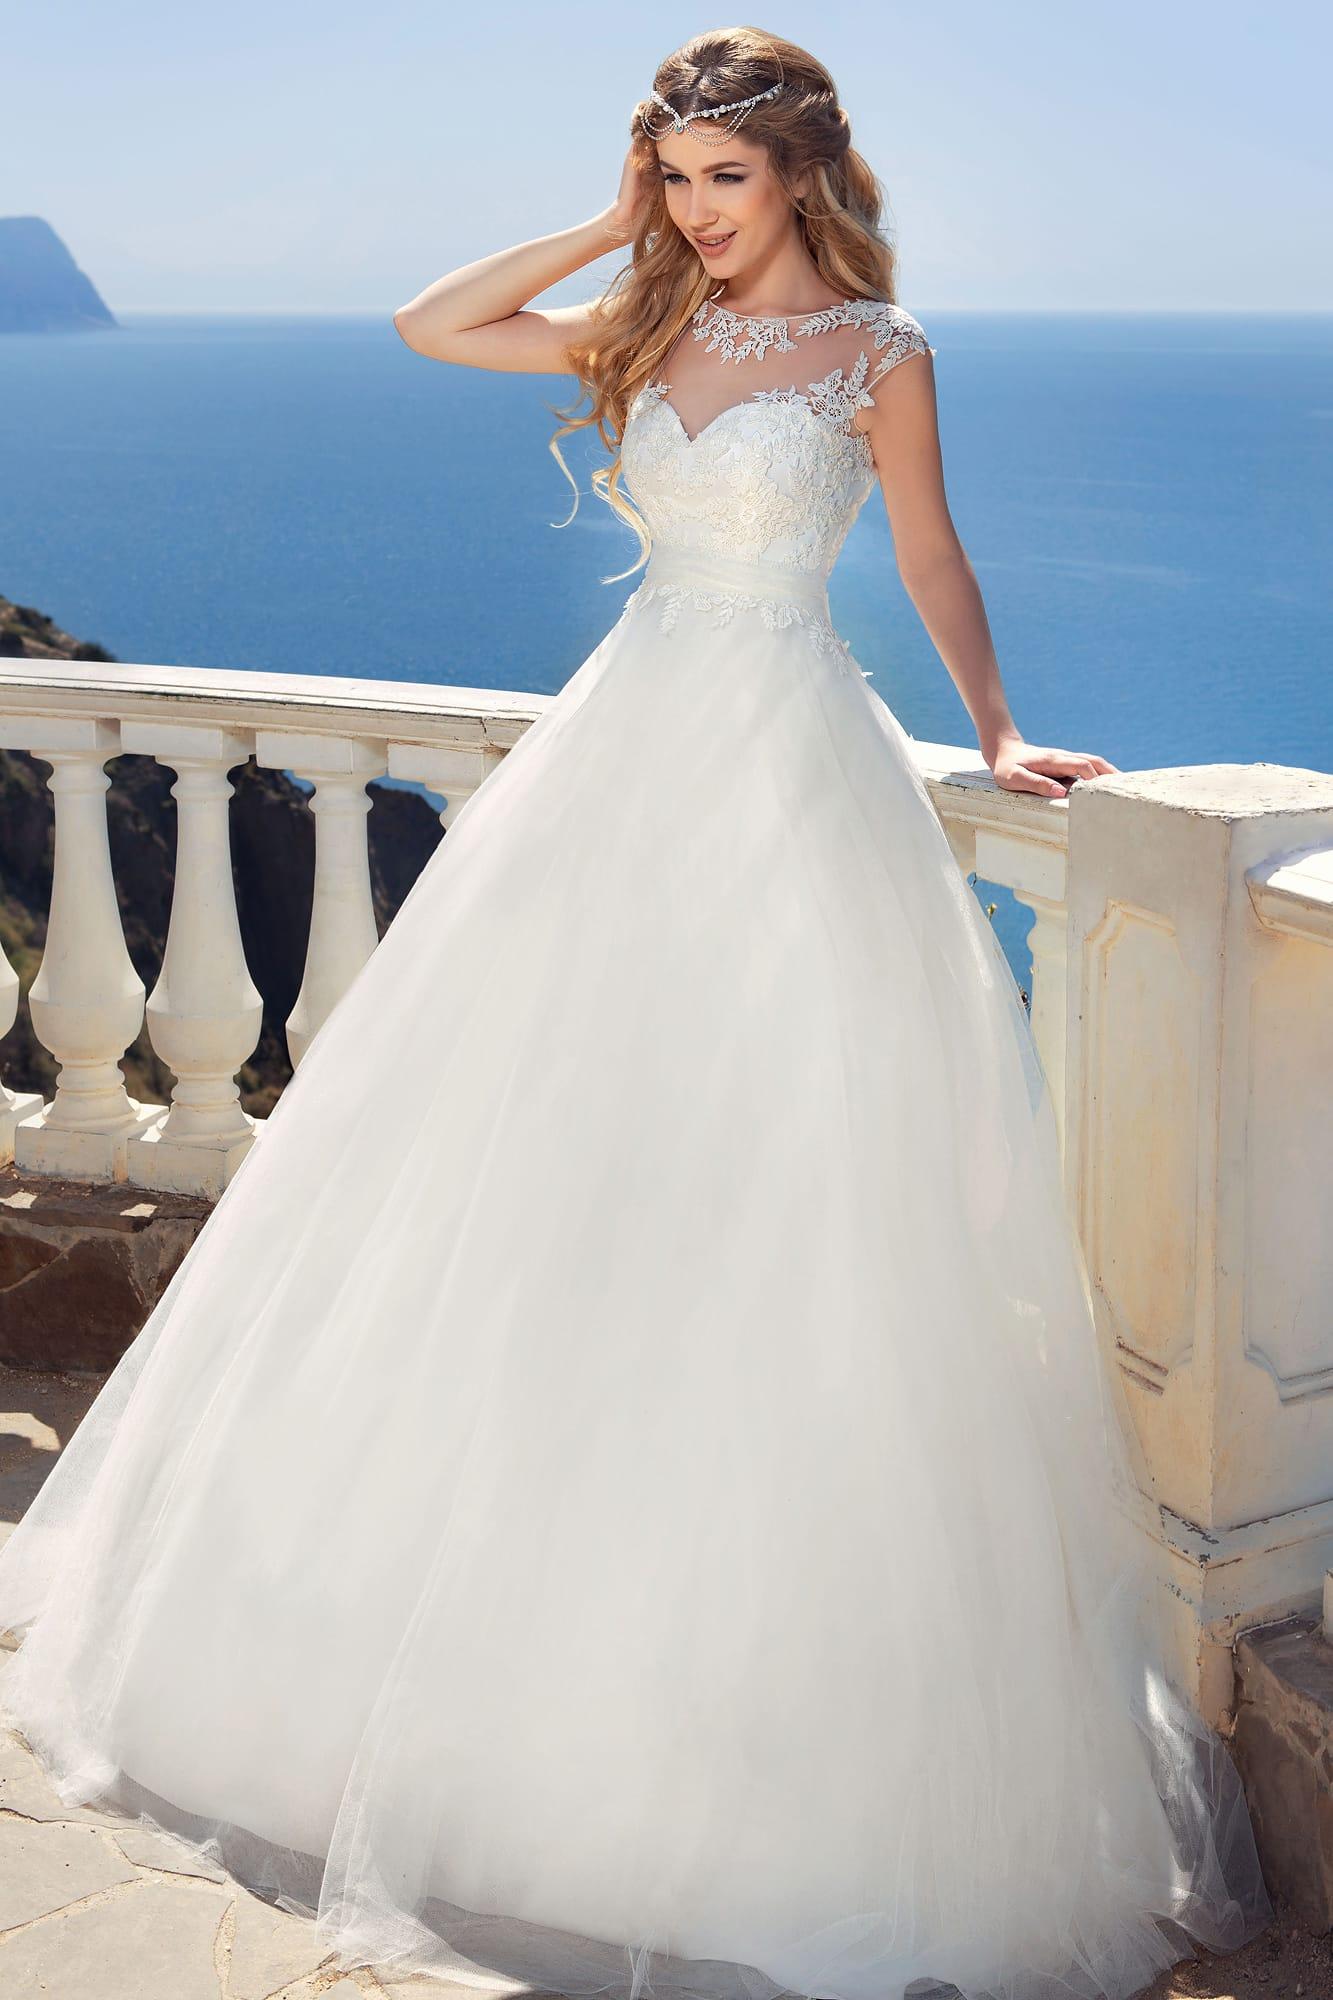 02f8a0fa9 Воздушное свадебное платье с пышным бантом на спинке и кружевной отделкой  корсета.